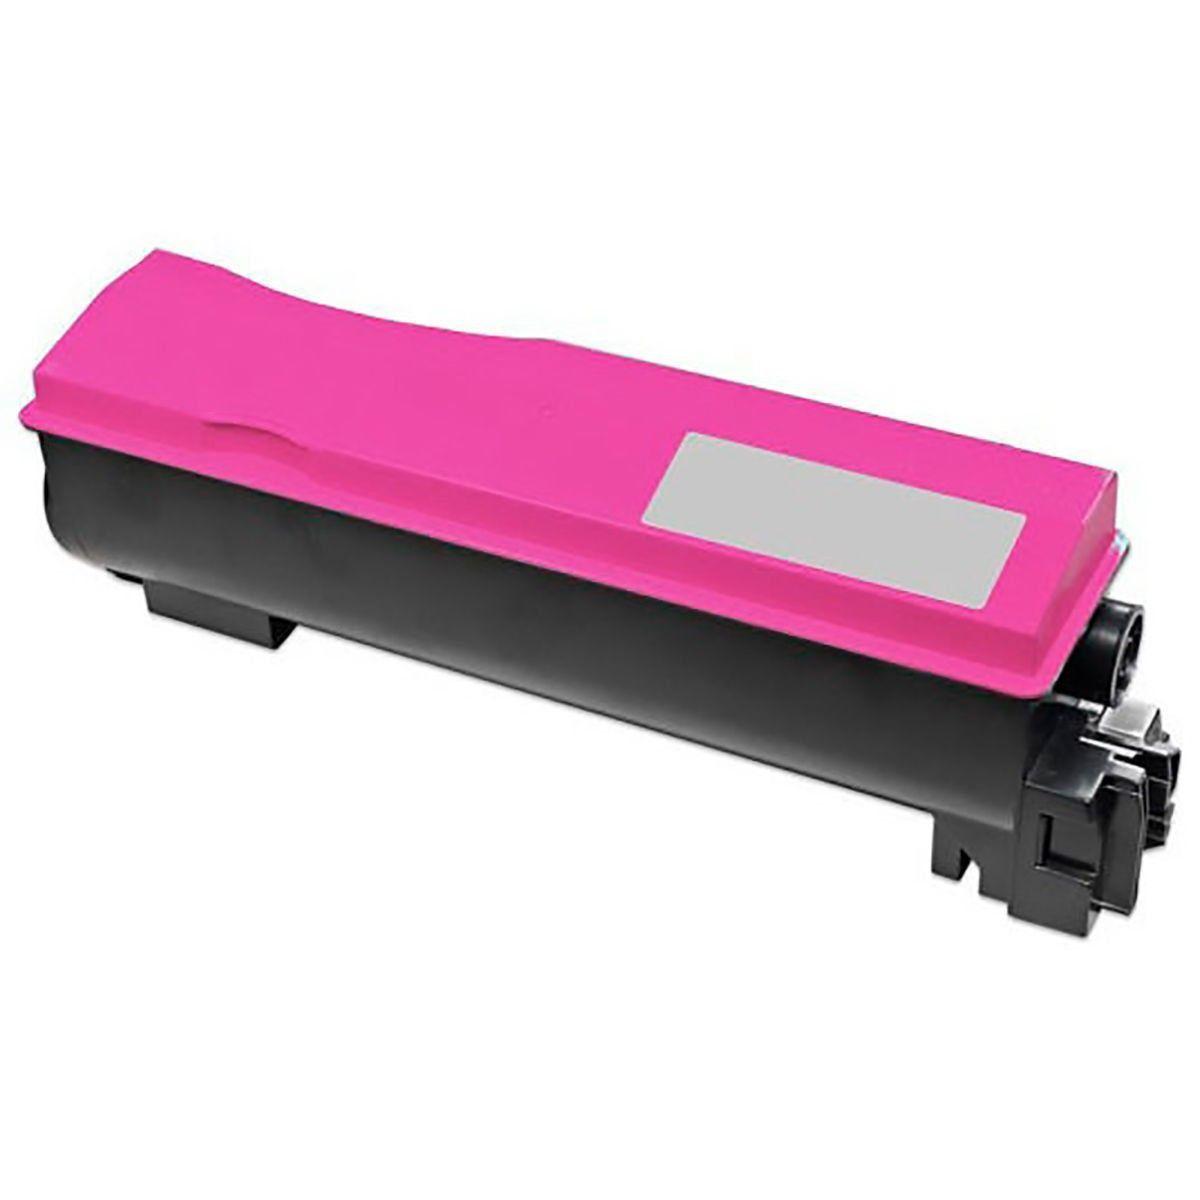 Compatível: Toner TK-582M TK582 para Kyocera FS-C5150dn FS-C5150 FSC5150dn FSC5150 P6021cdn P6021 / Magenta / 2.800